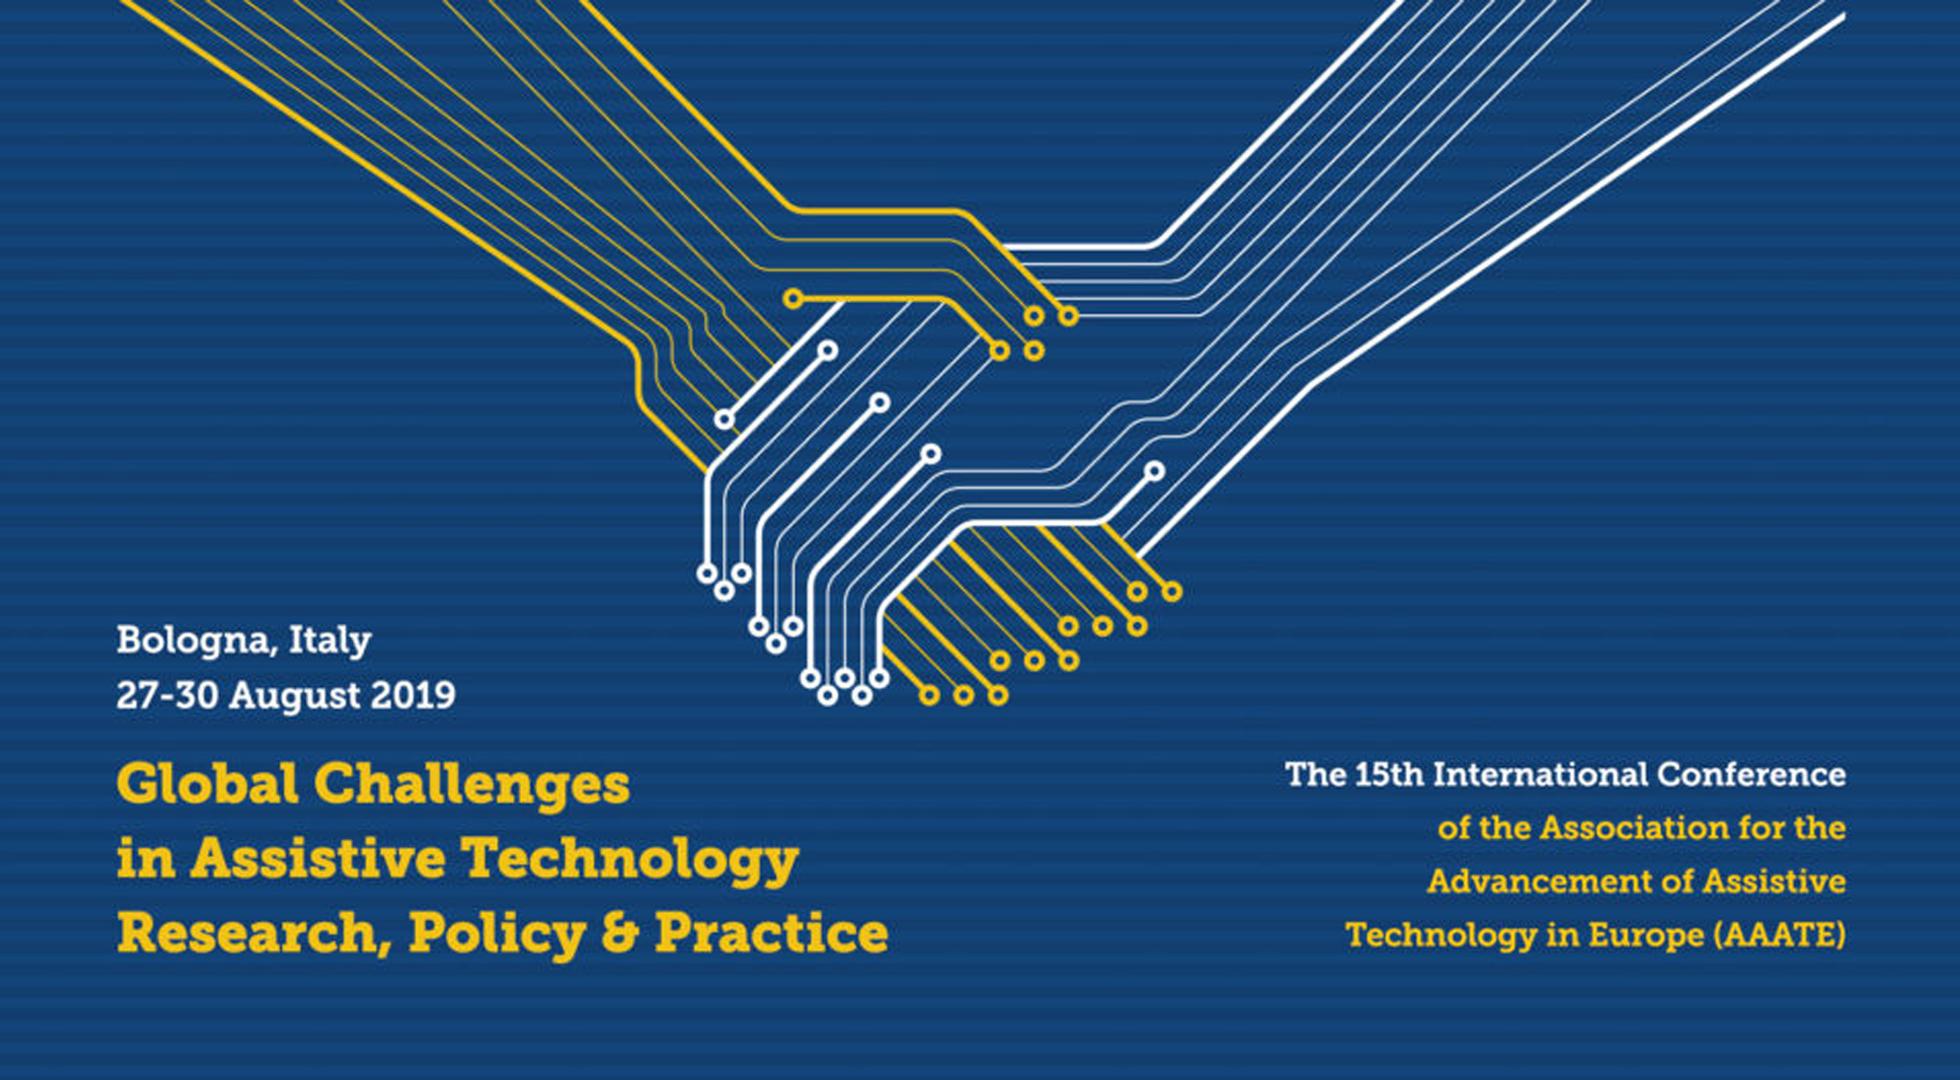 Immagine ufficiale della Conferenza sulle tecnologie assistive